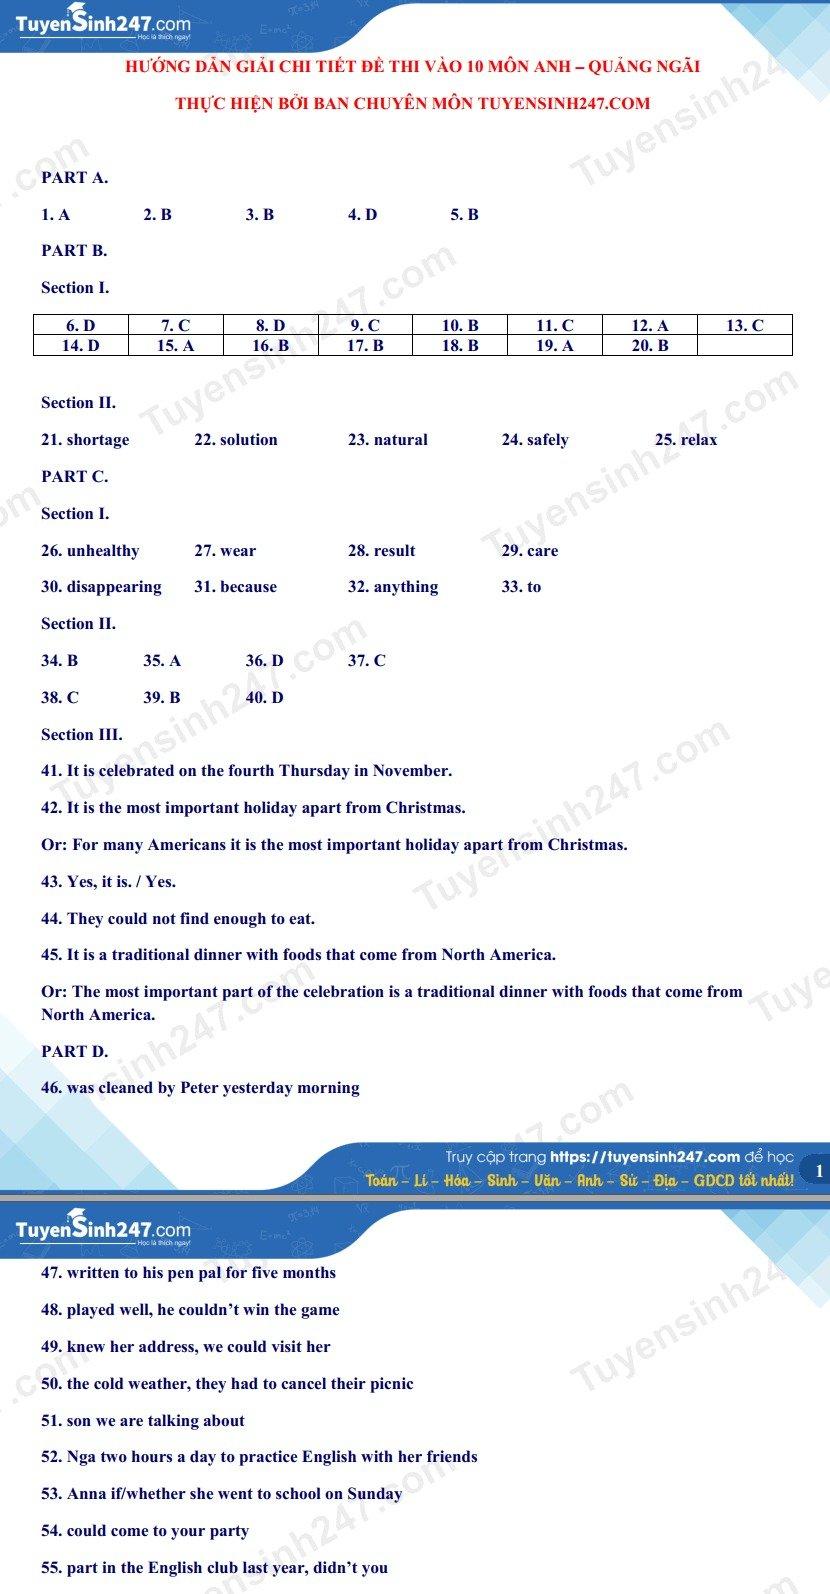 پاسخ های آزمون انگلیسی کلاس 10 در استان کوانگ نگای 2021 5